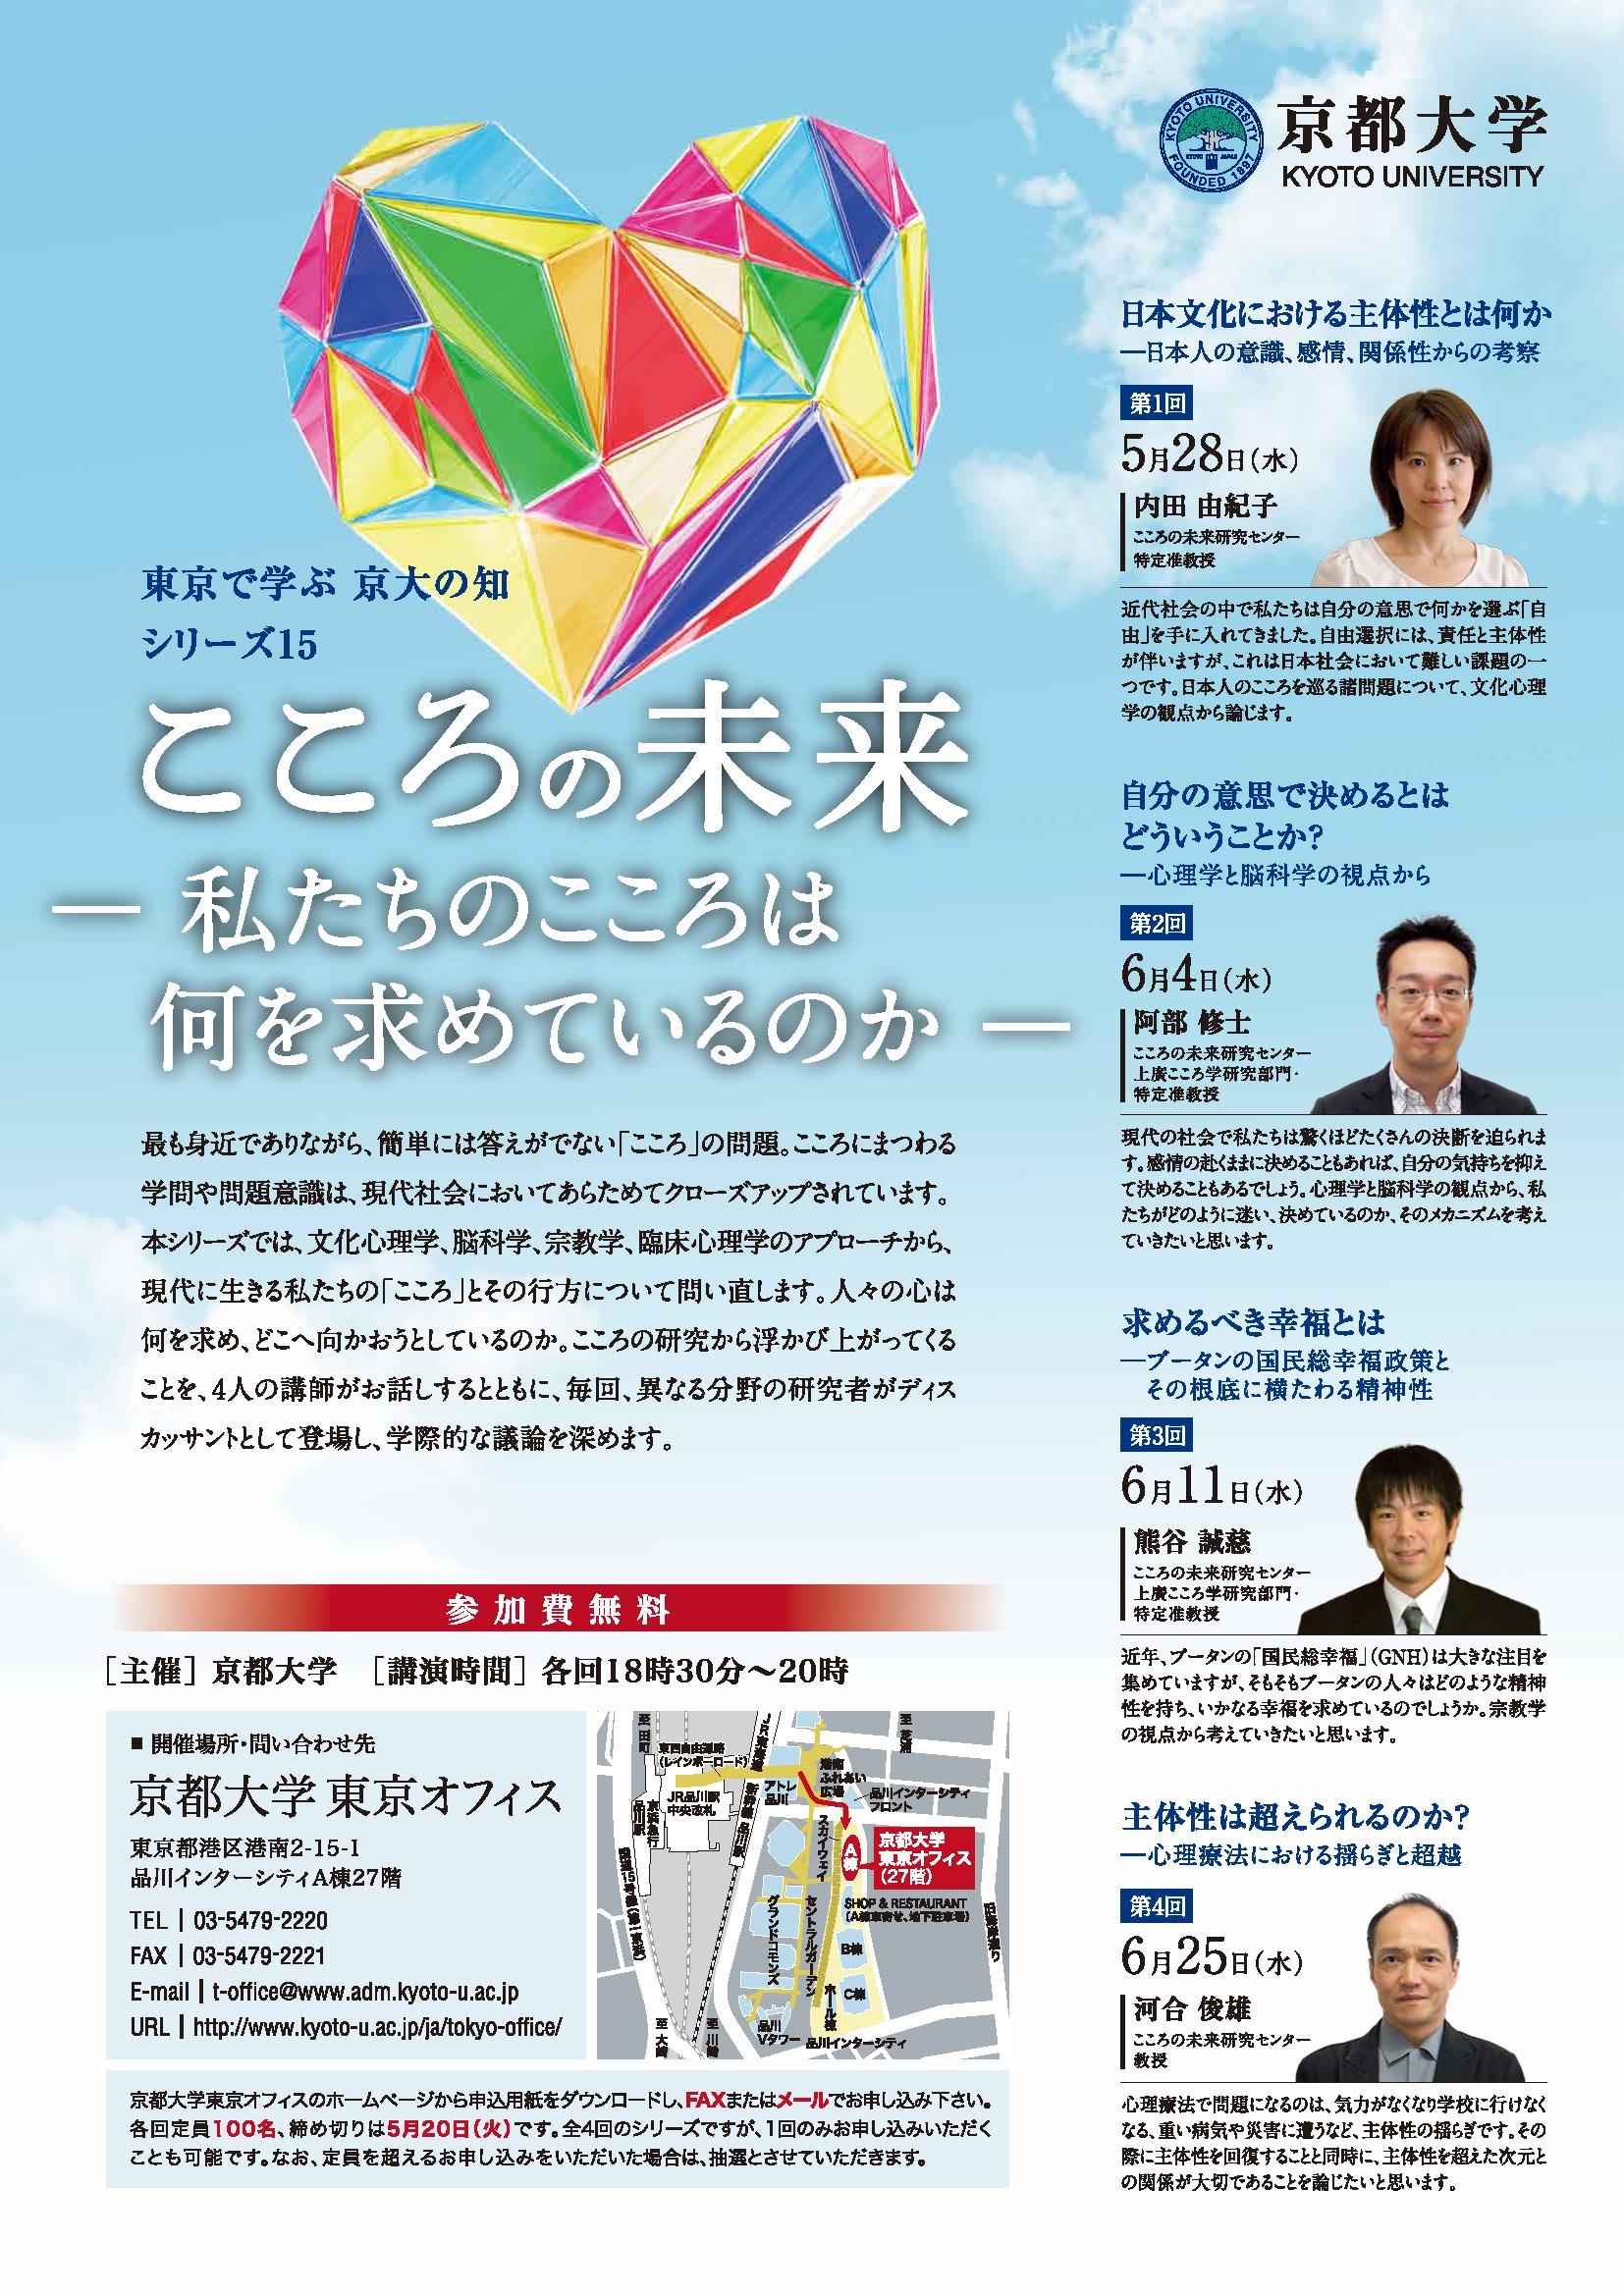 京都大学 東京オフィス 連続講演会「東京で学ぶ 京大の知」シリーズ15 こころの未来 -私たちのこころは何を求めているのか-